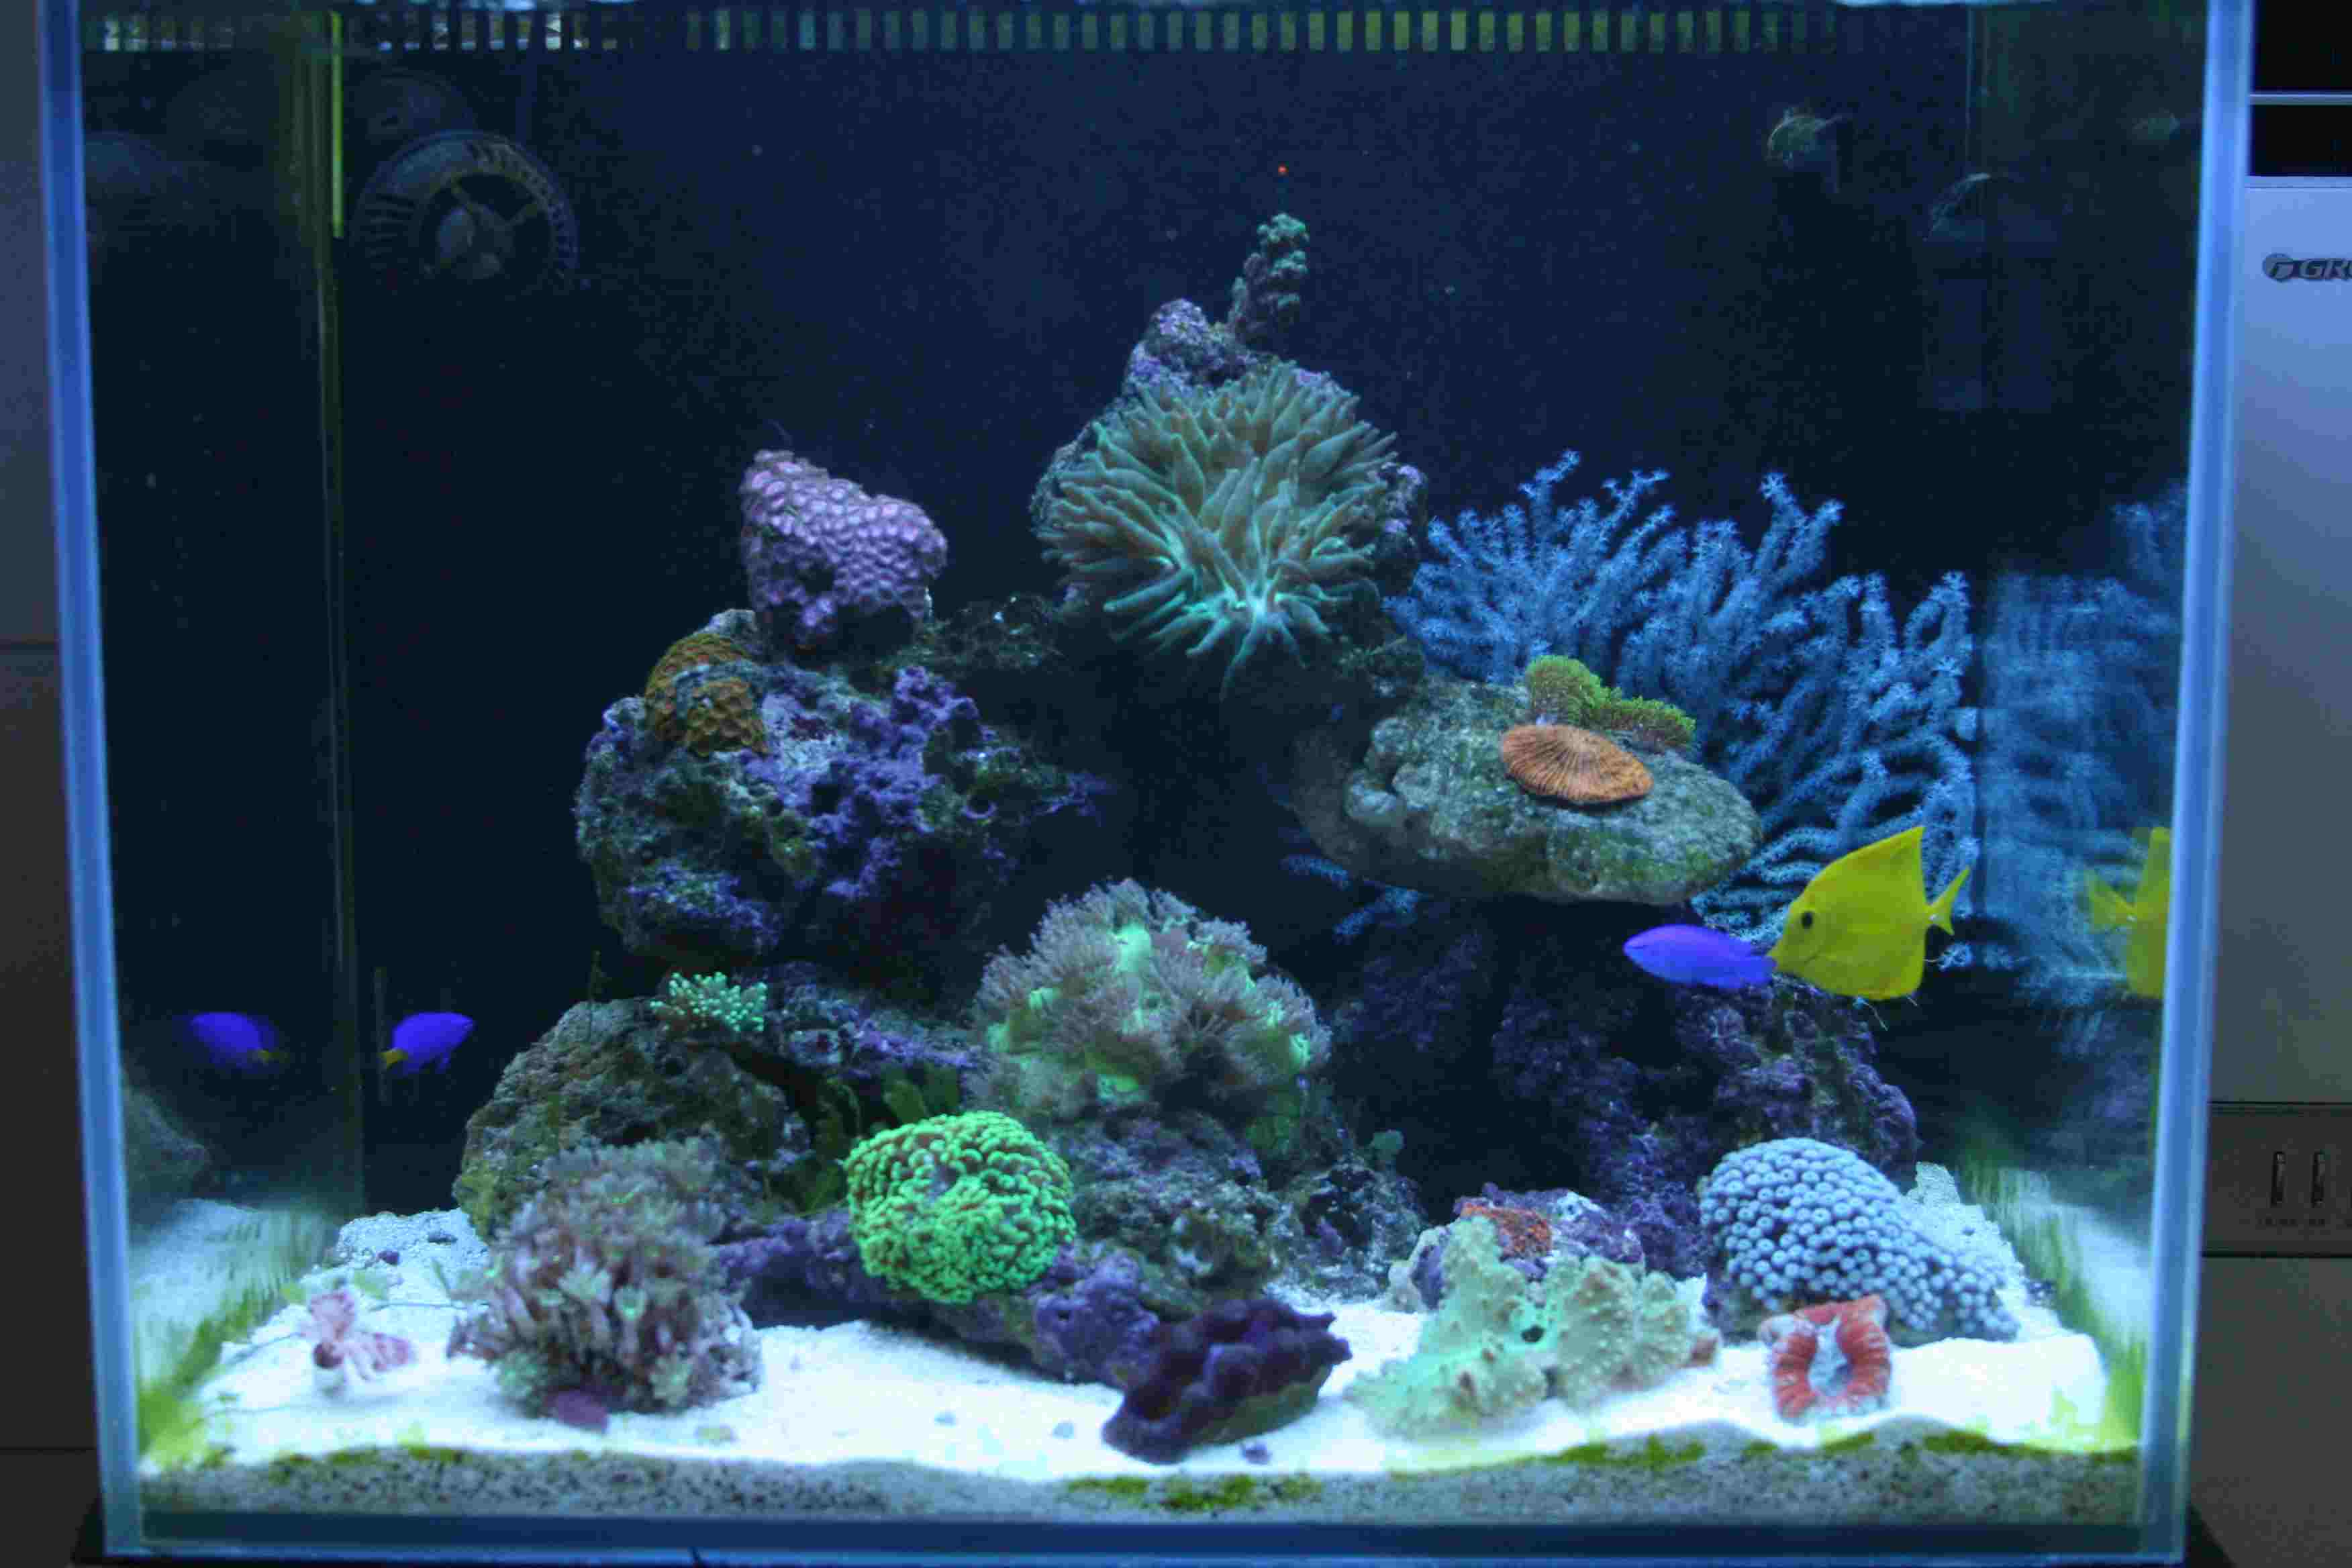 壁纸 海底 海底世界 海洋馆 水草 水生植物 水族馆 3504_2336